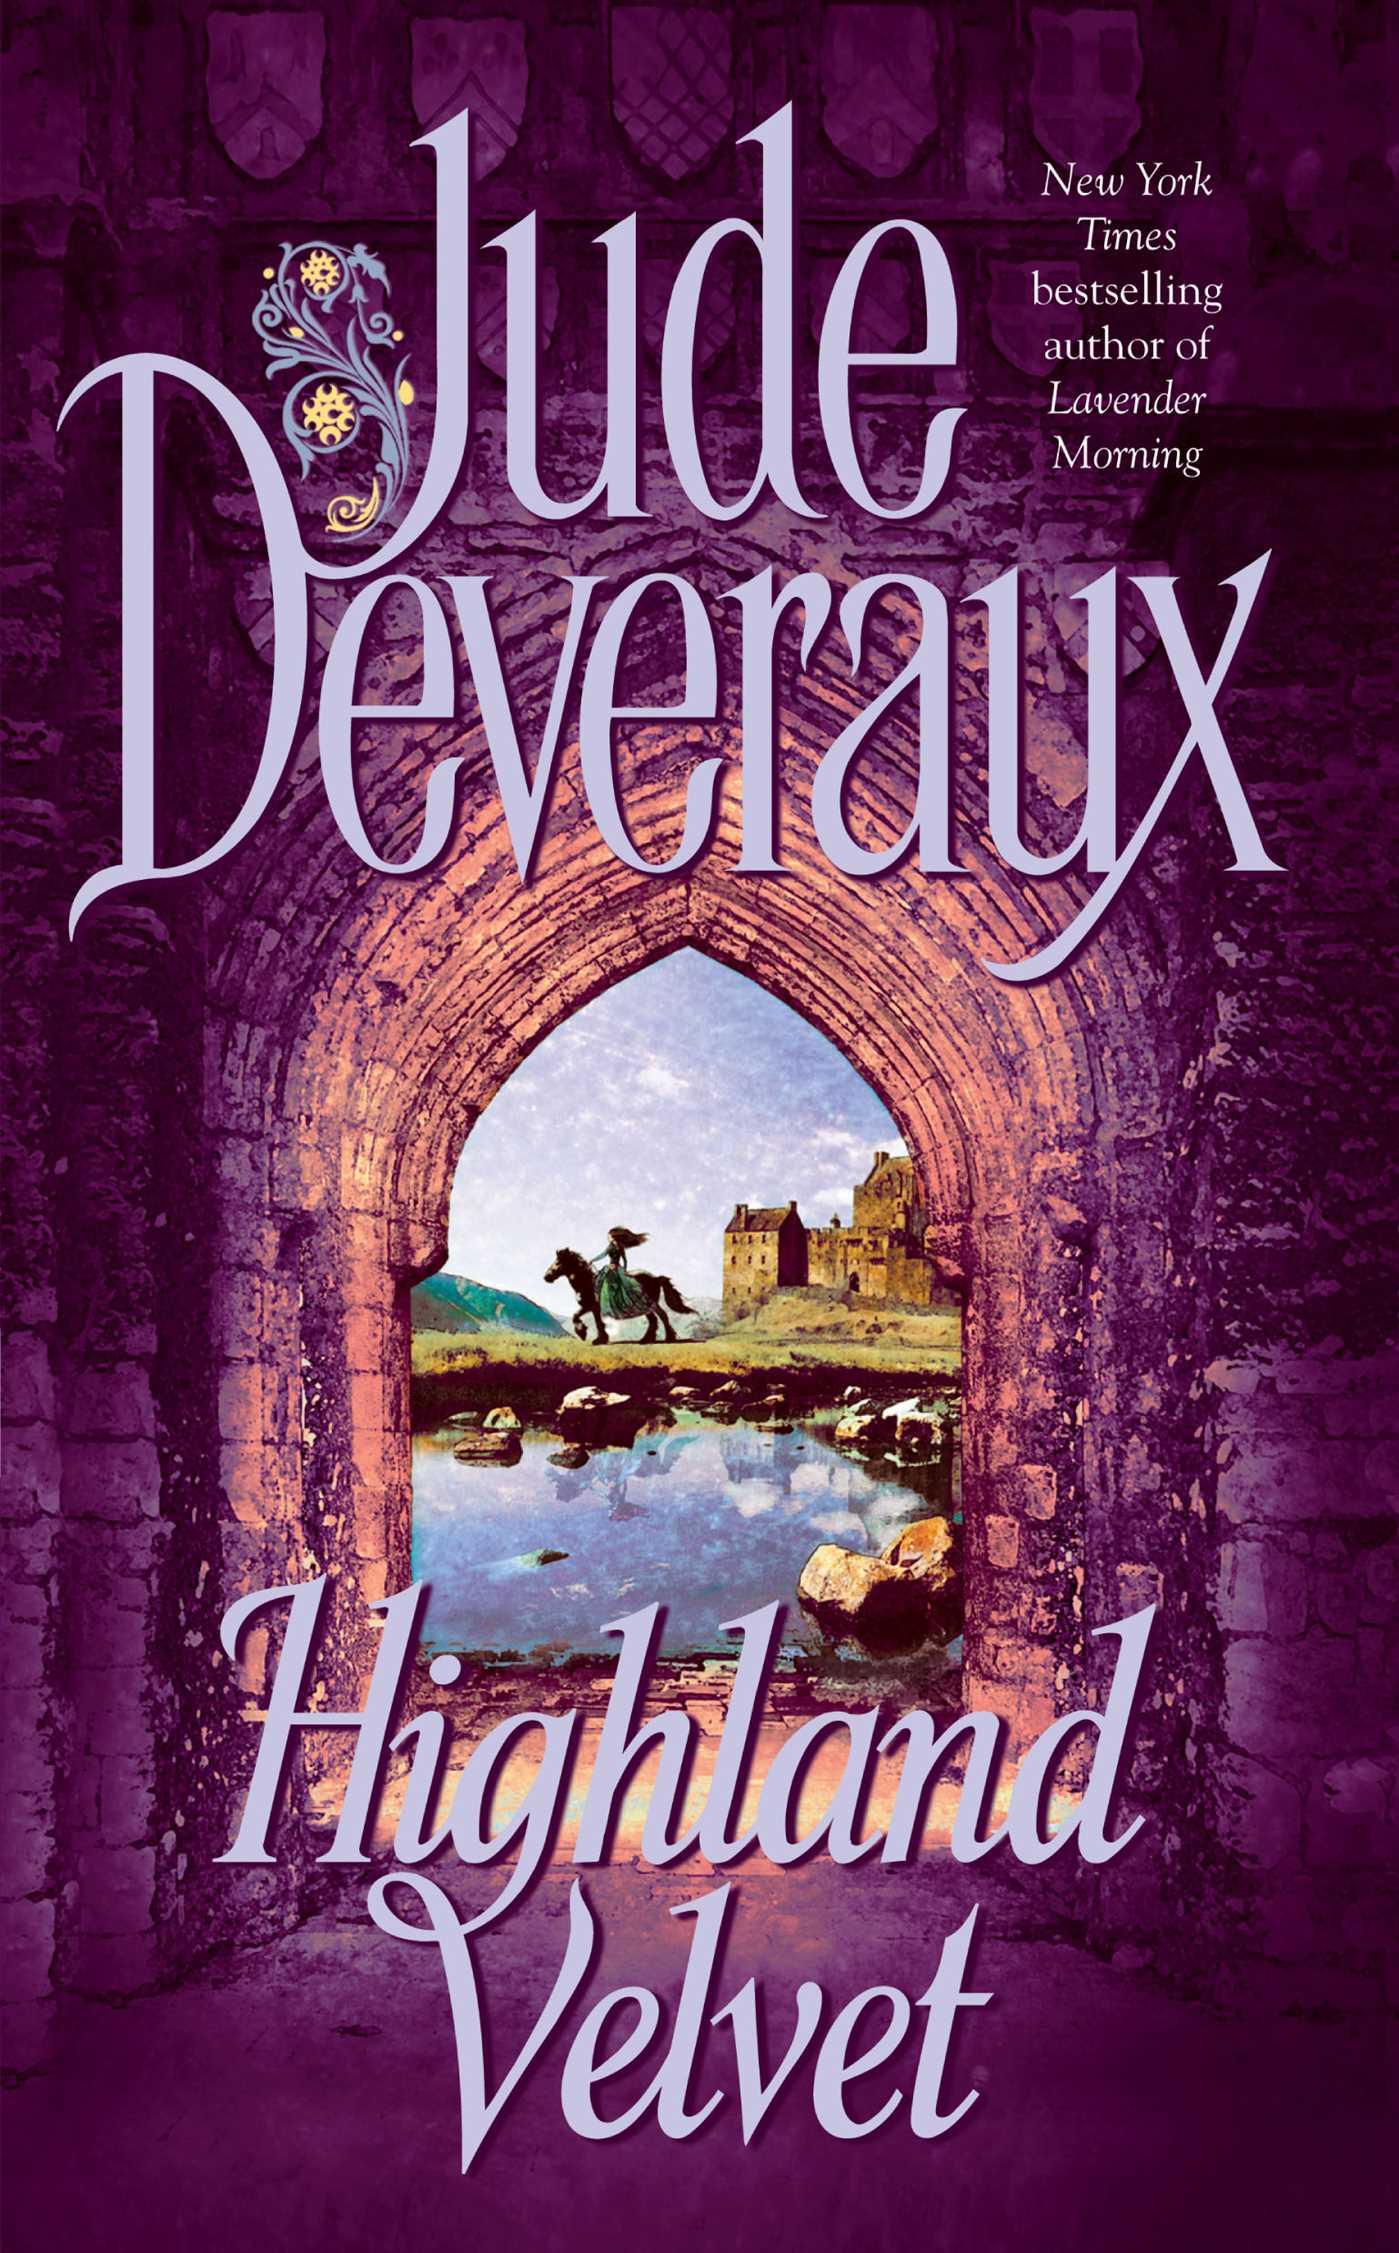 Highland velvet 9780743459297 hr